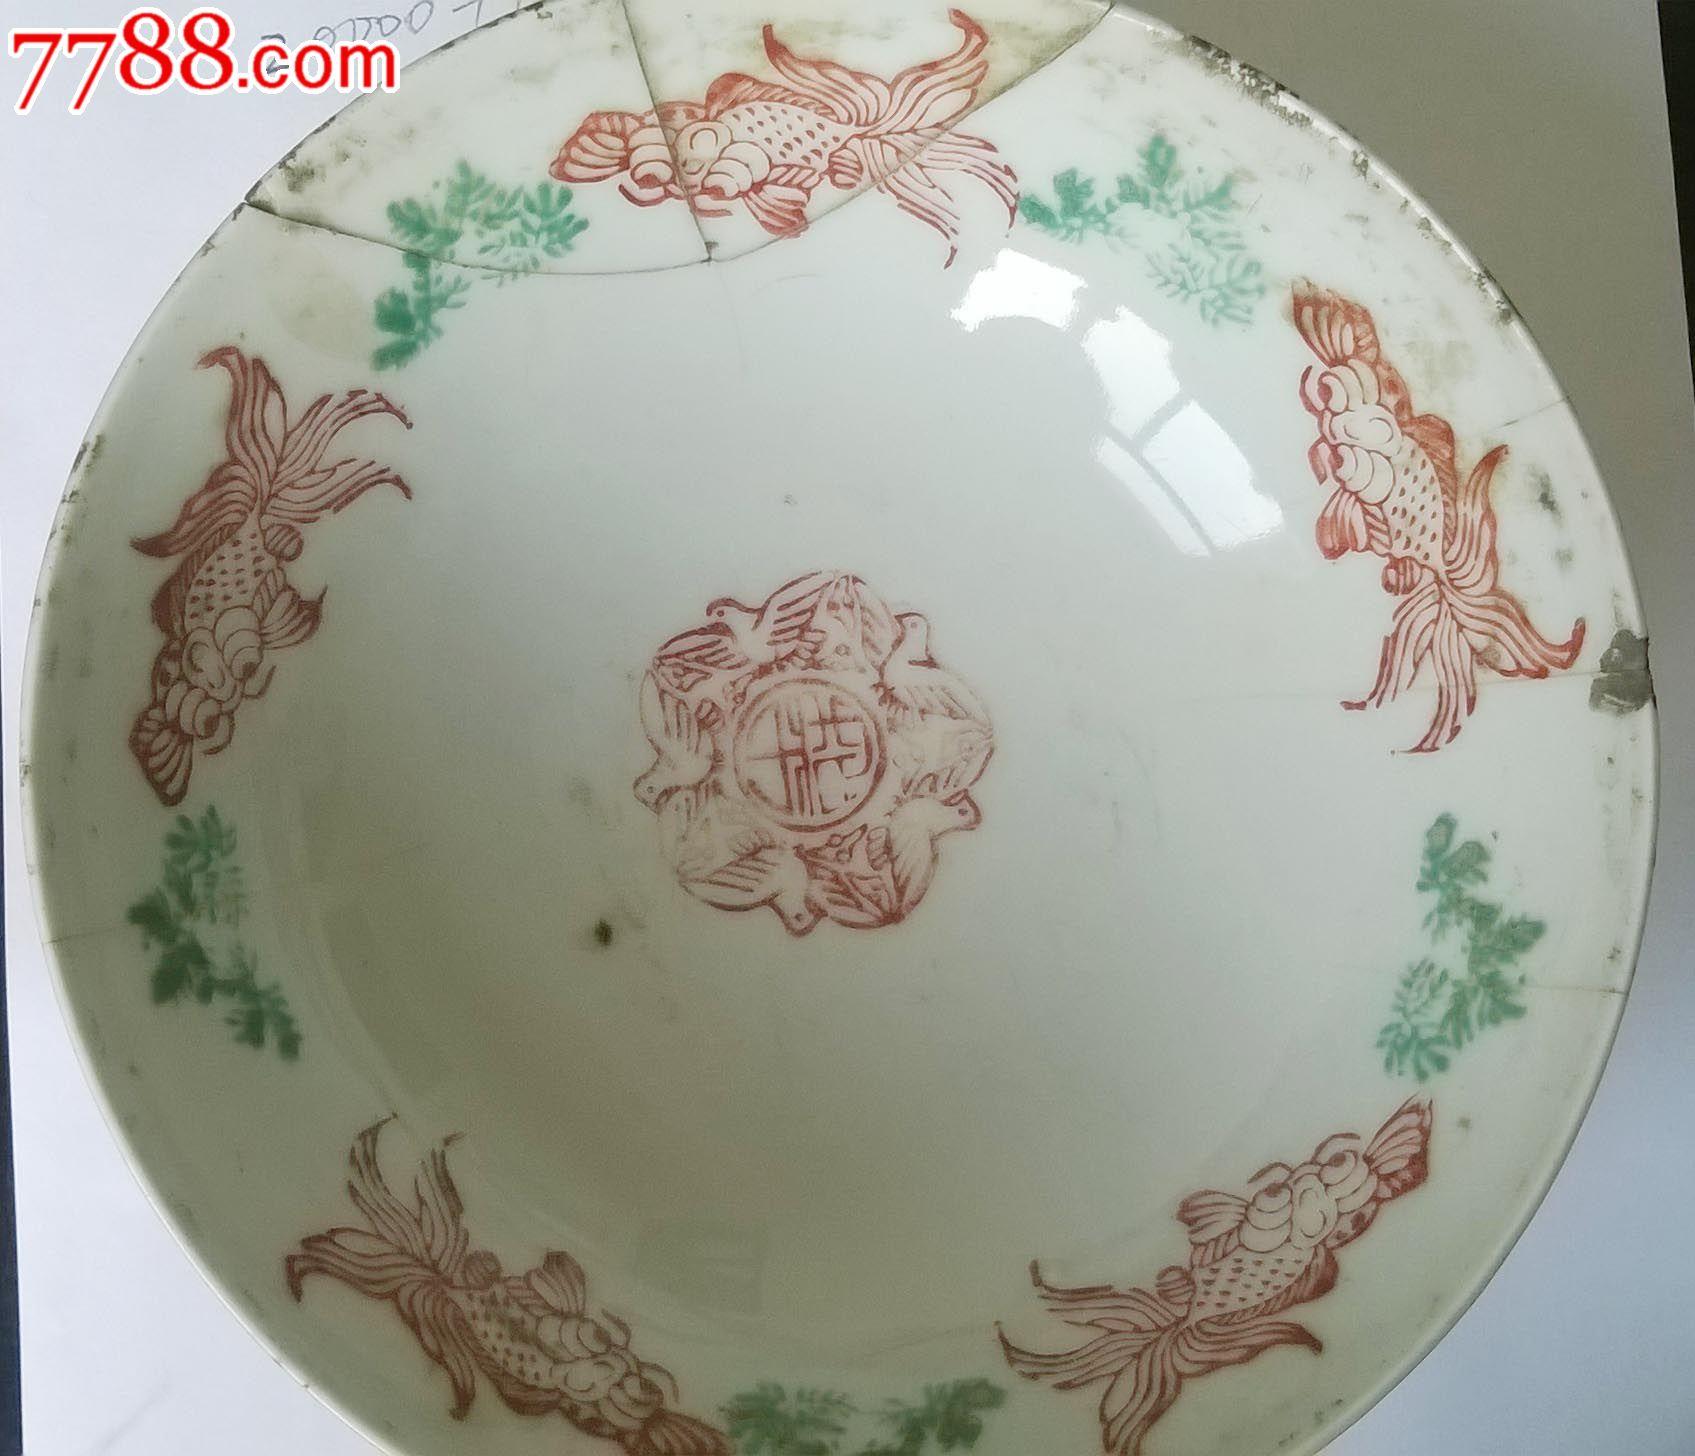 湖南省醴陵彩绘瓷器,碗_价格元_第2张_中国收藏热线